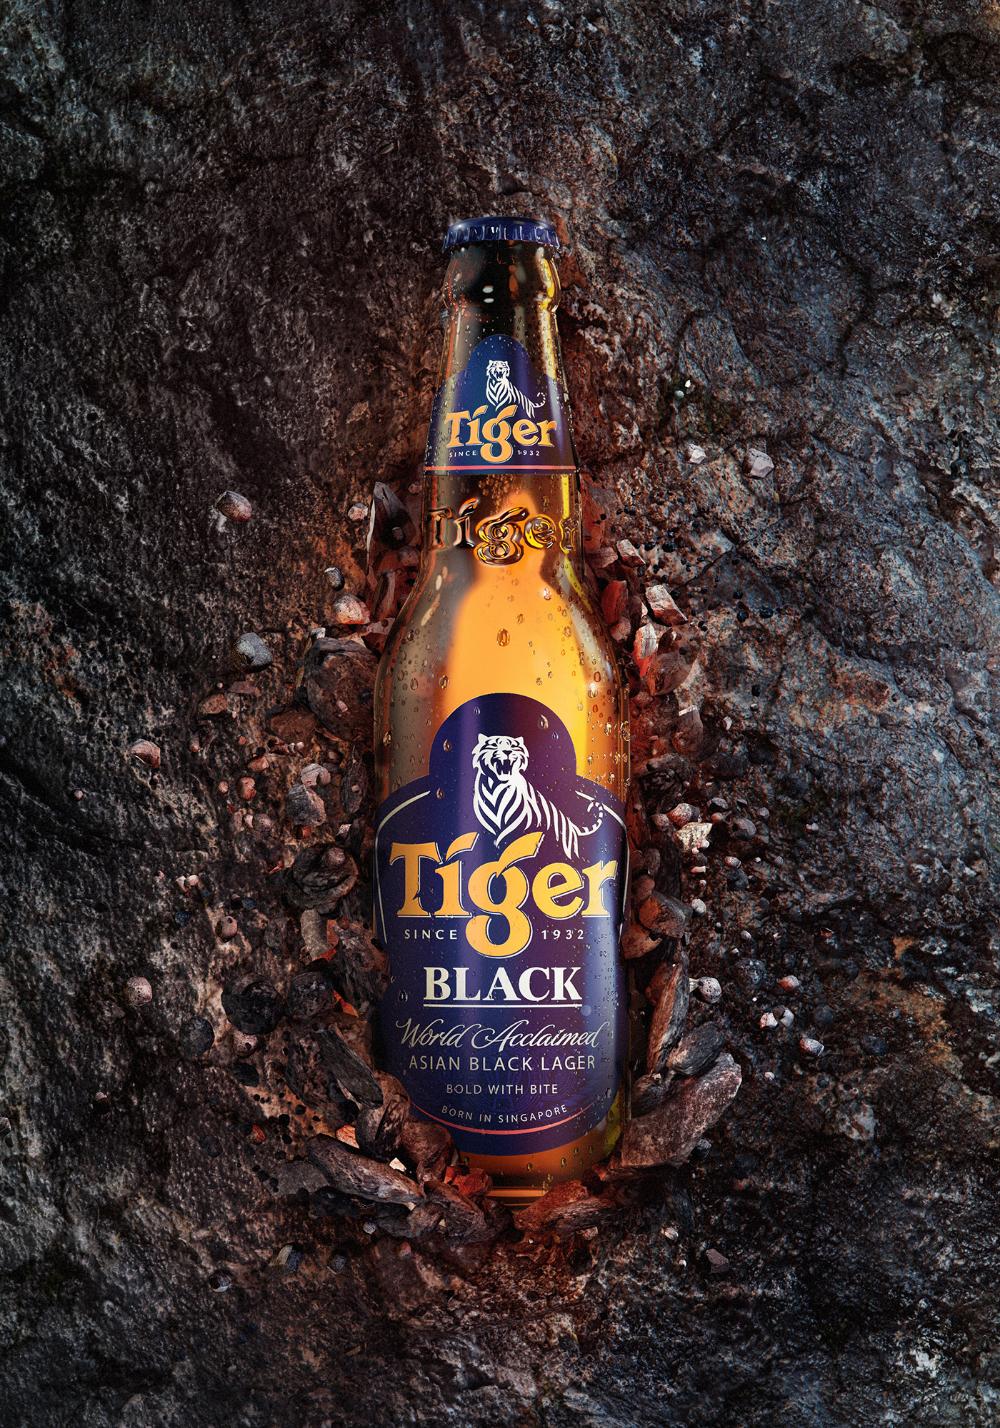 Pin By Dailyvanity On Food Beer Tiger Beer Beer Advertising